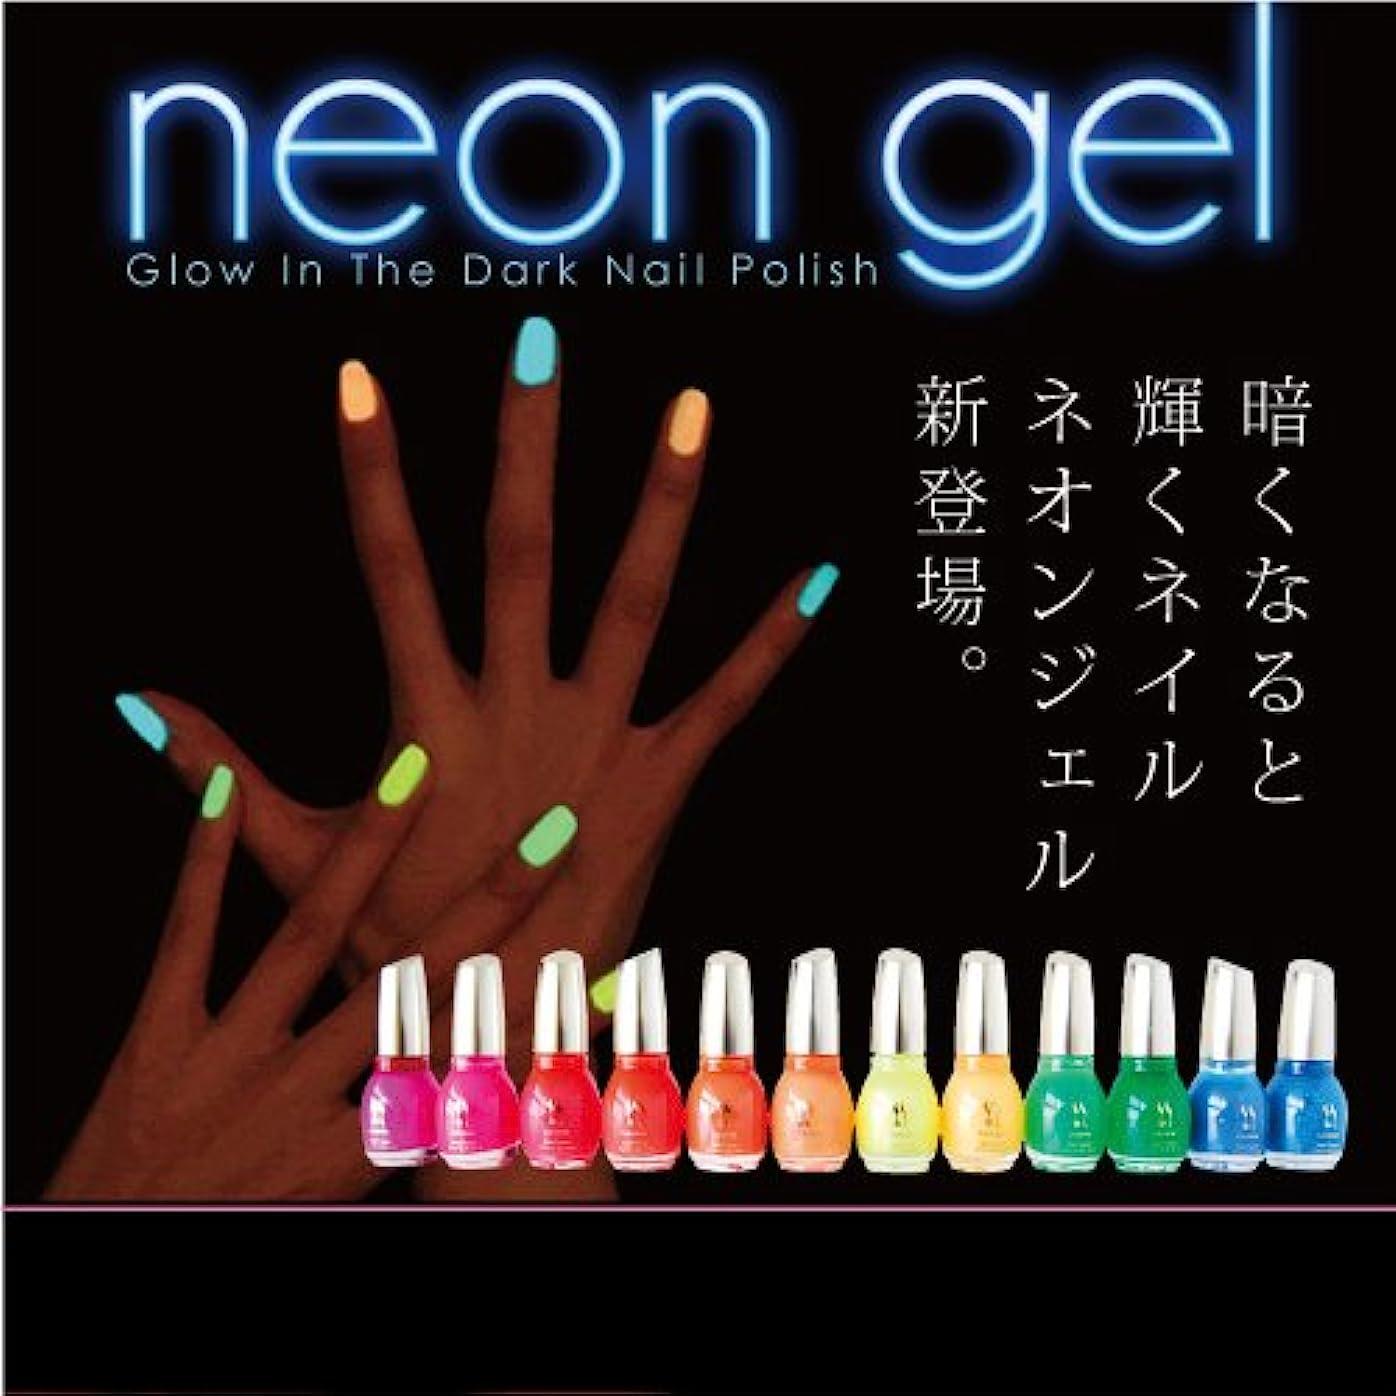 コミュニティ電球温室Neon Gel -Glow In The Dark- 蛍光ネイルポリッシュ 15ml カラー:08 ディープグリーン [マニキュア ネイルカラー ジェルネイルカラー ネイルポリッシュ SHANTI]